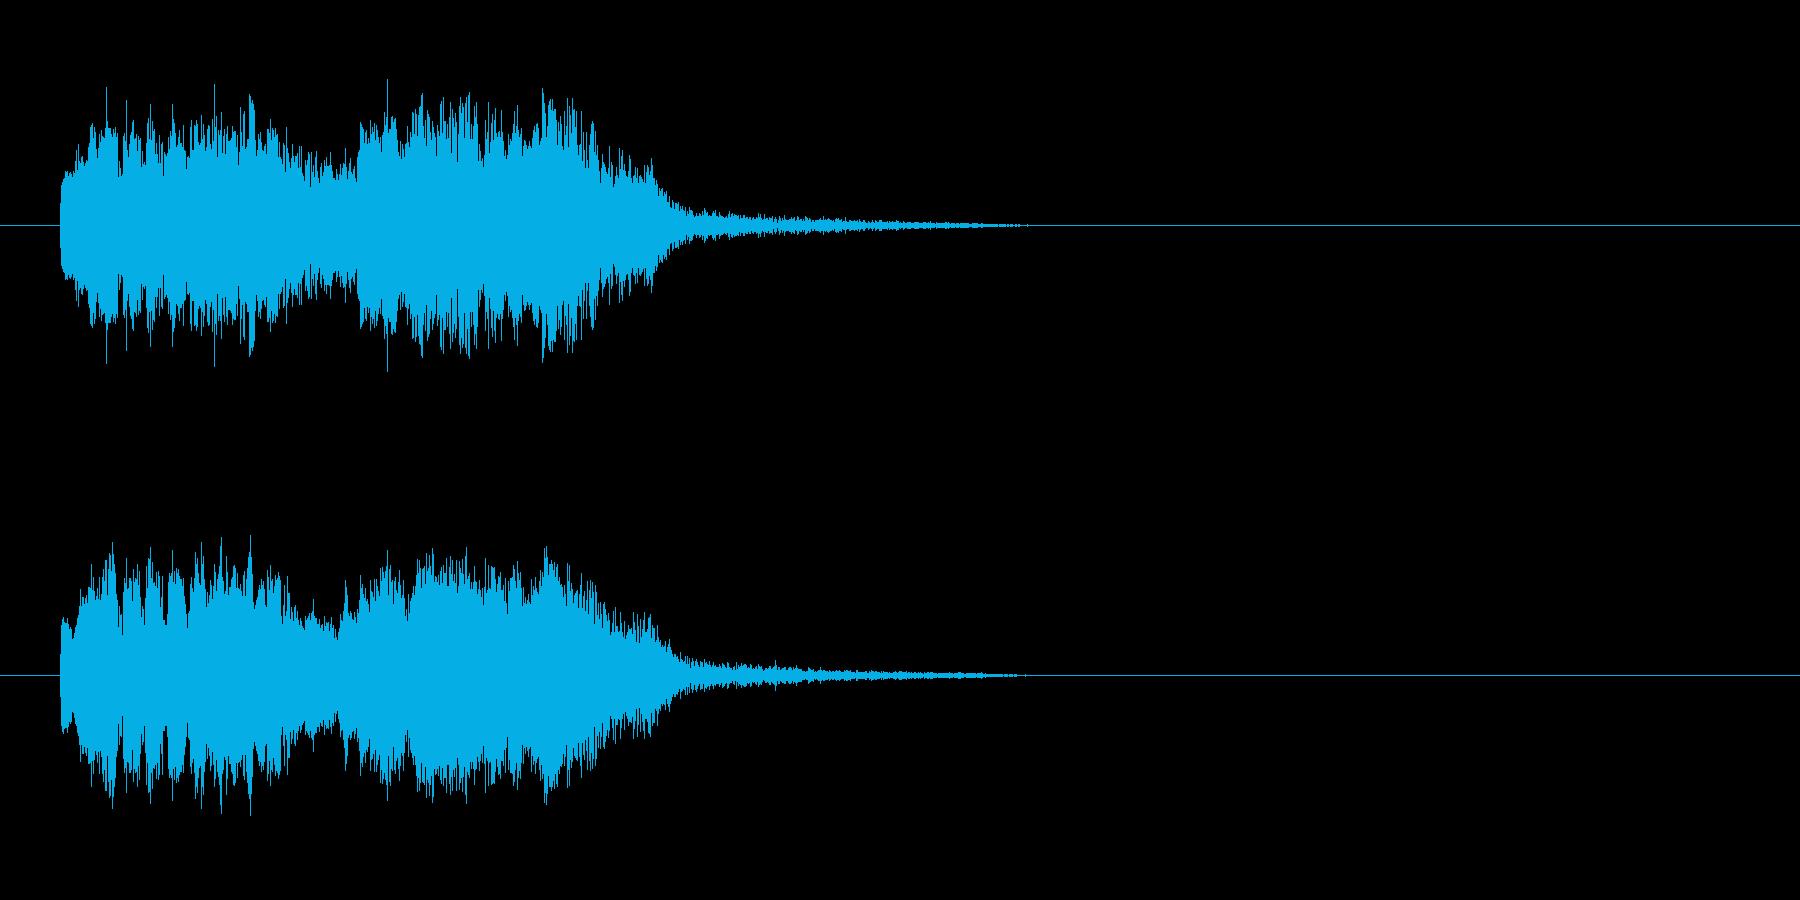 「ピーピーッ!」ふざけた鳥の鳴き声の擬音の再生済みの波形